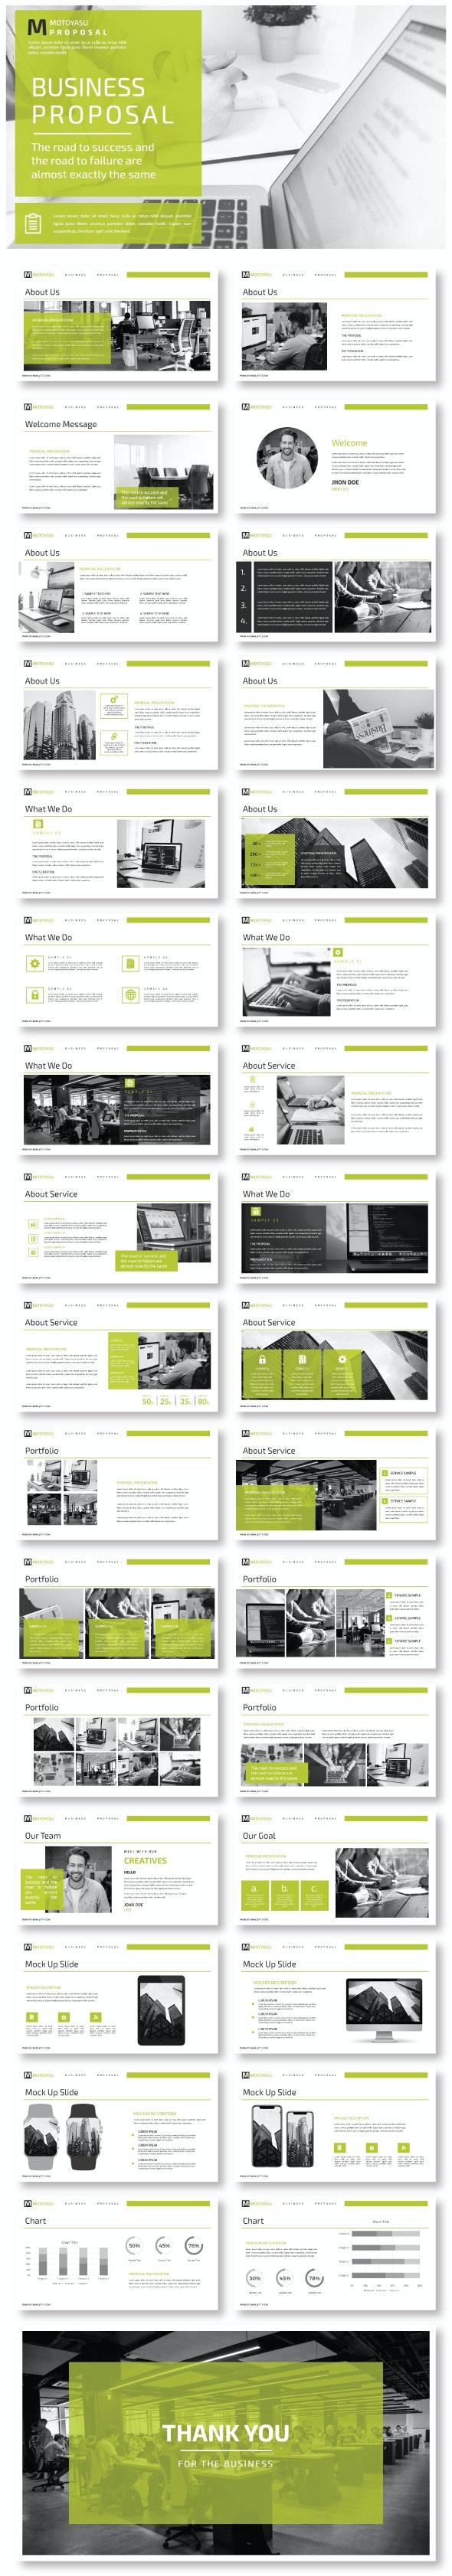 Proposal - Google Slide Templates - Google Slides Presentation Templates